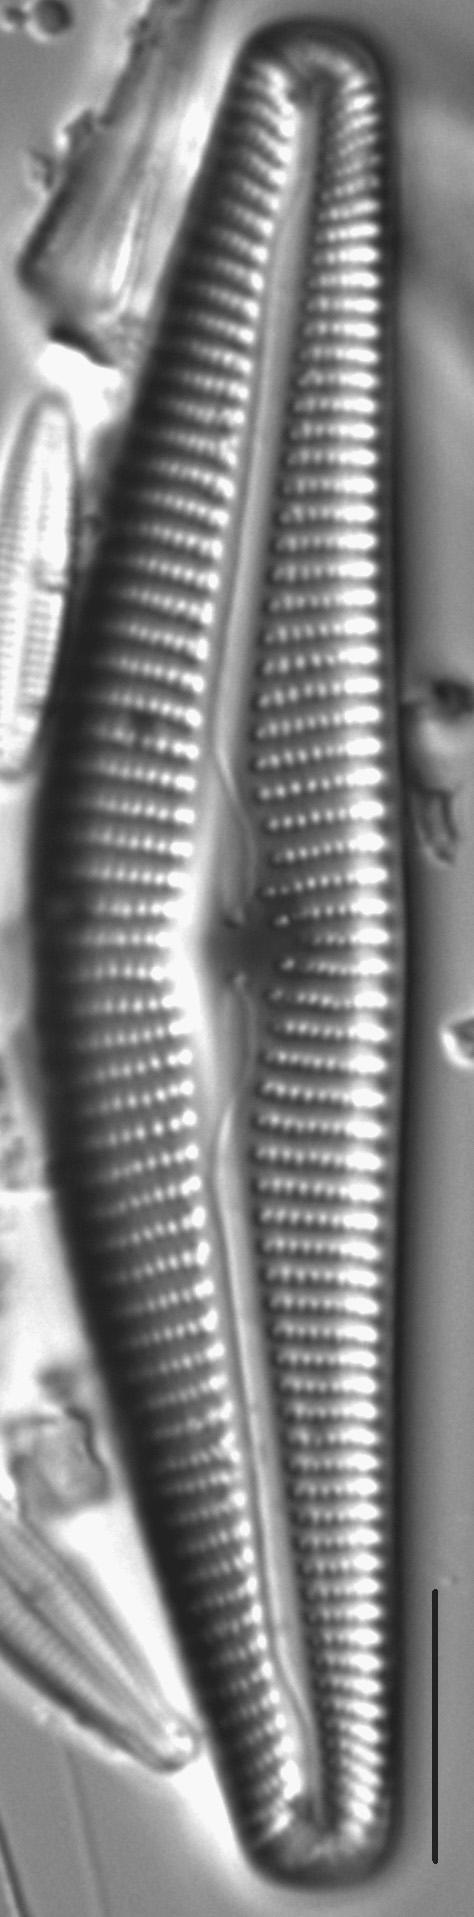 Cymbella maggiana LM3